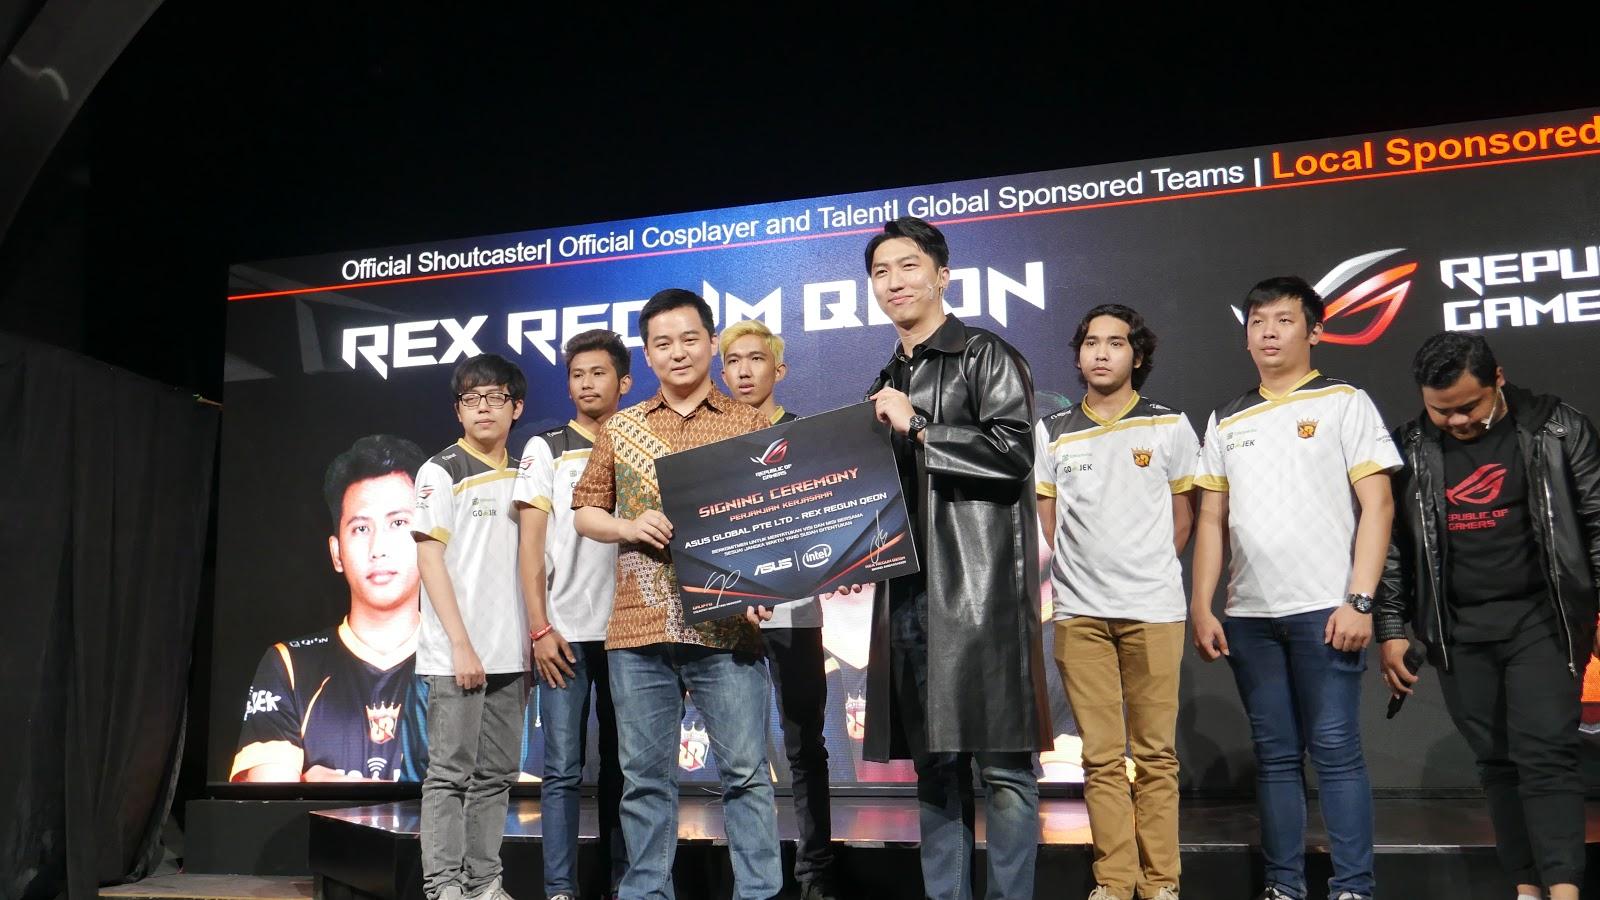 Rex Regum Qeon - Salah Satu Organisasi Esports terbesar di Indonesia